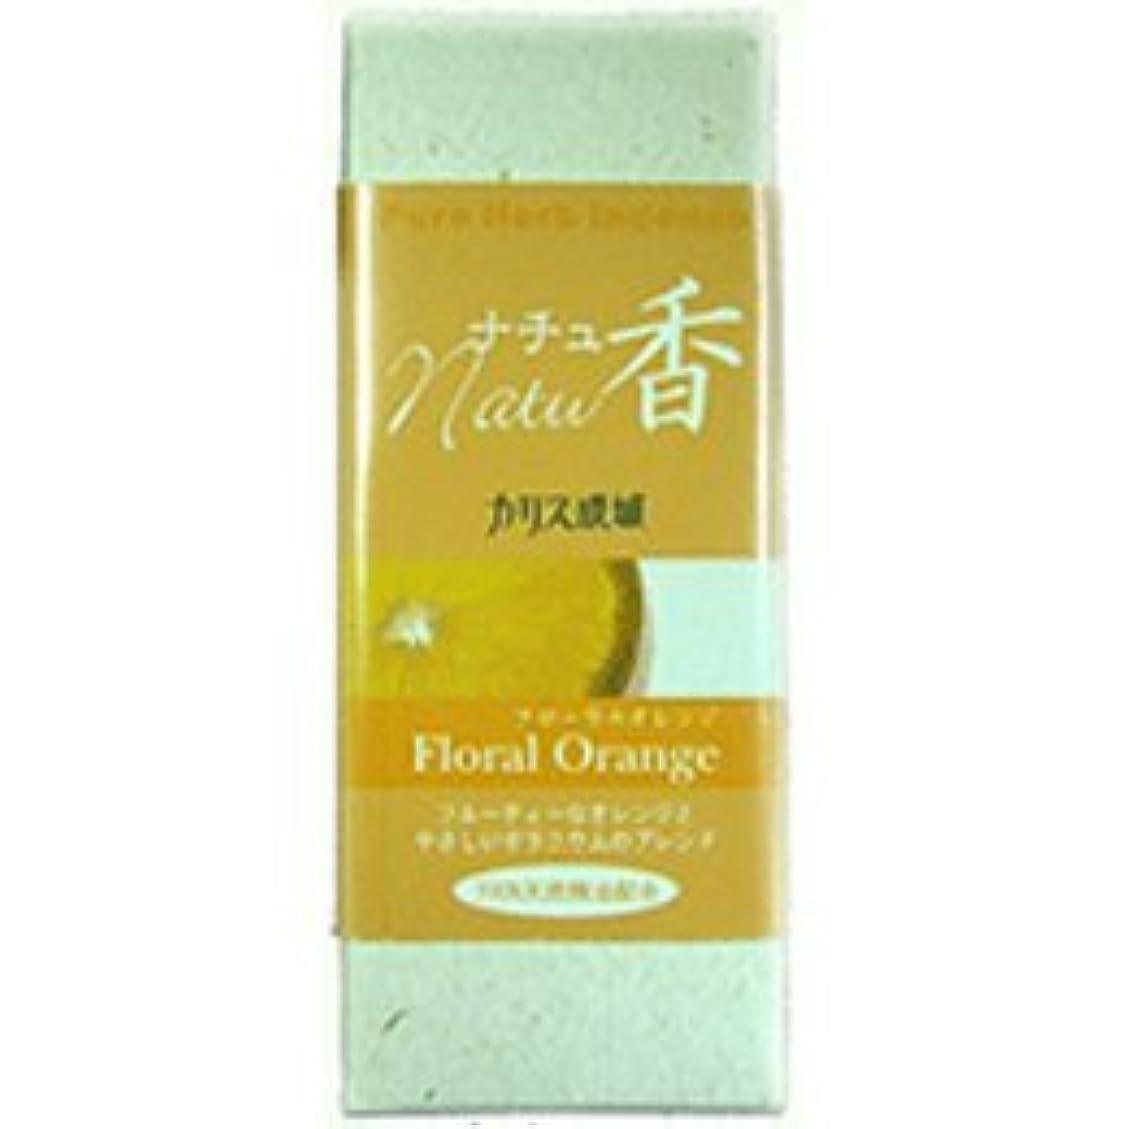 構築する食堂メンタルカリス ピュアハーブインセンス natu香 フローラルオレンジ